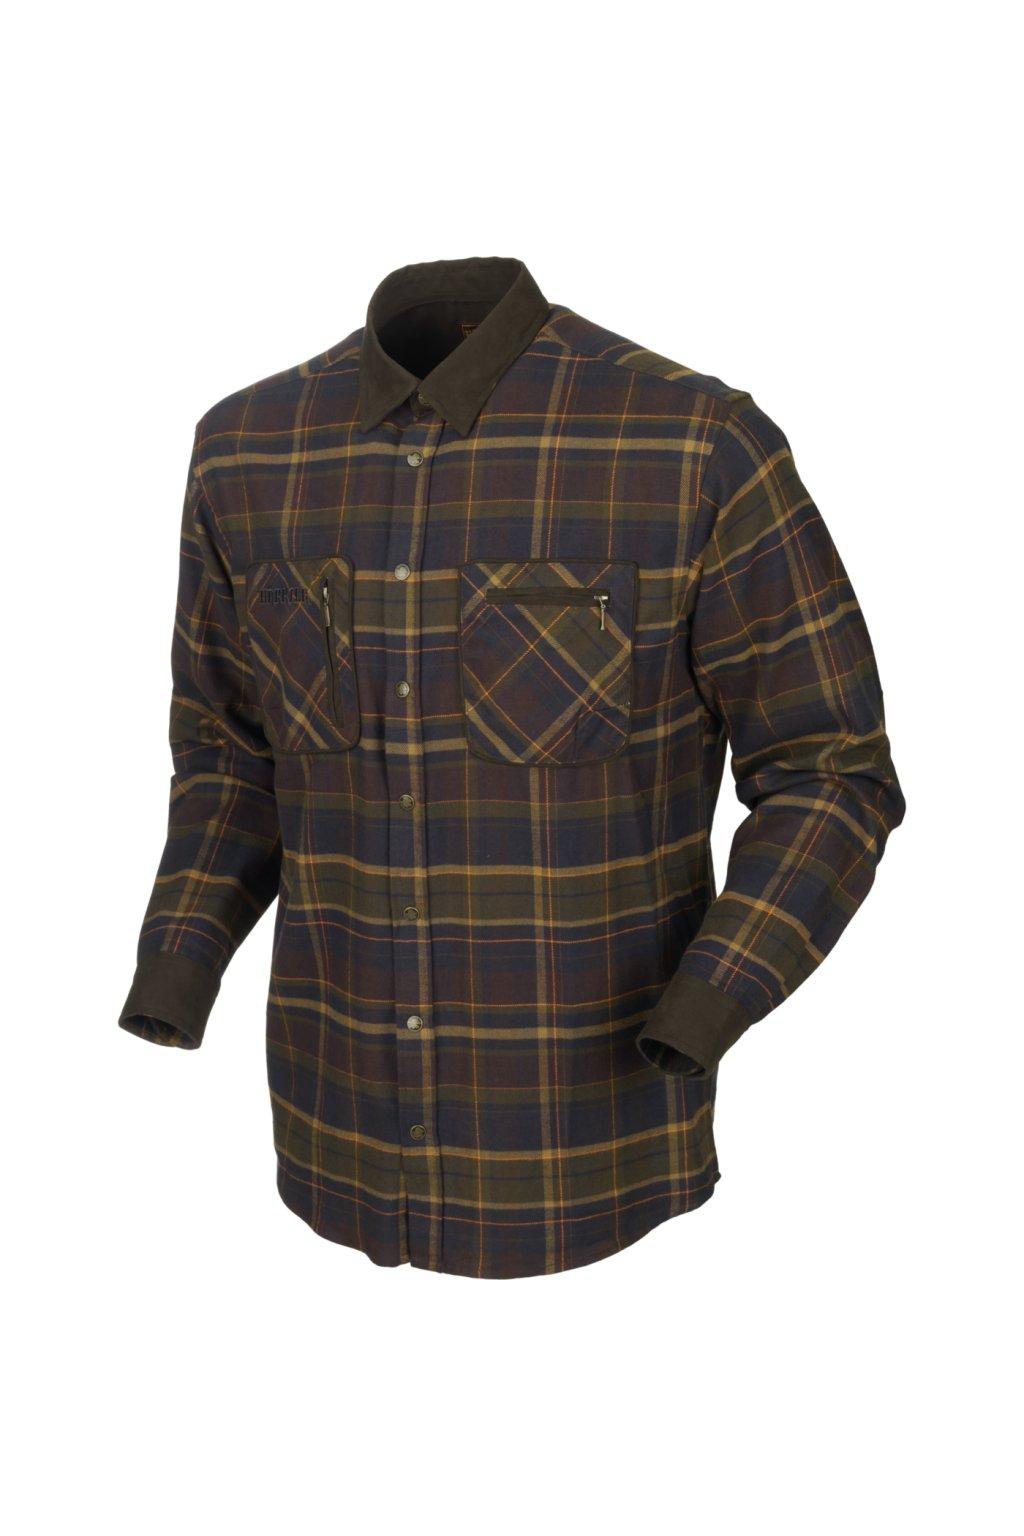 HÄRKILA  - Pajala košile pánská (Mellow Brown check)